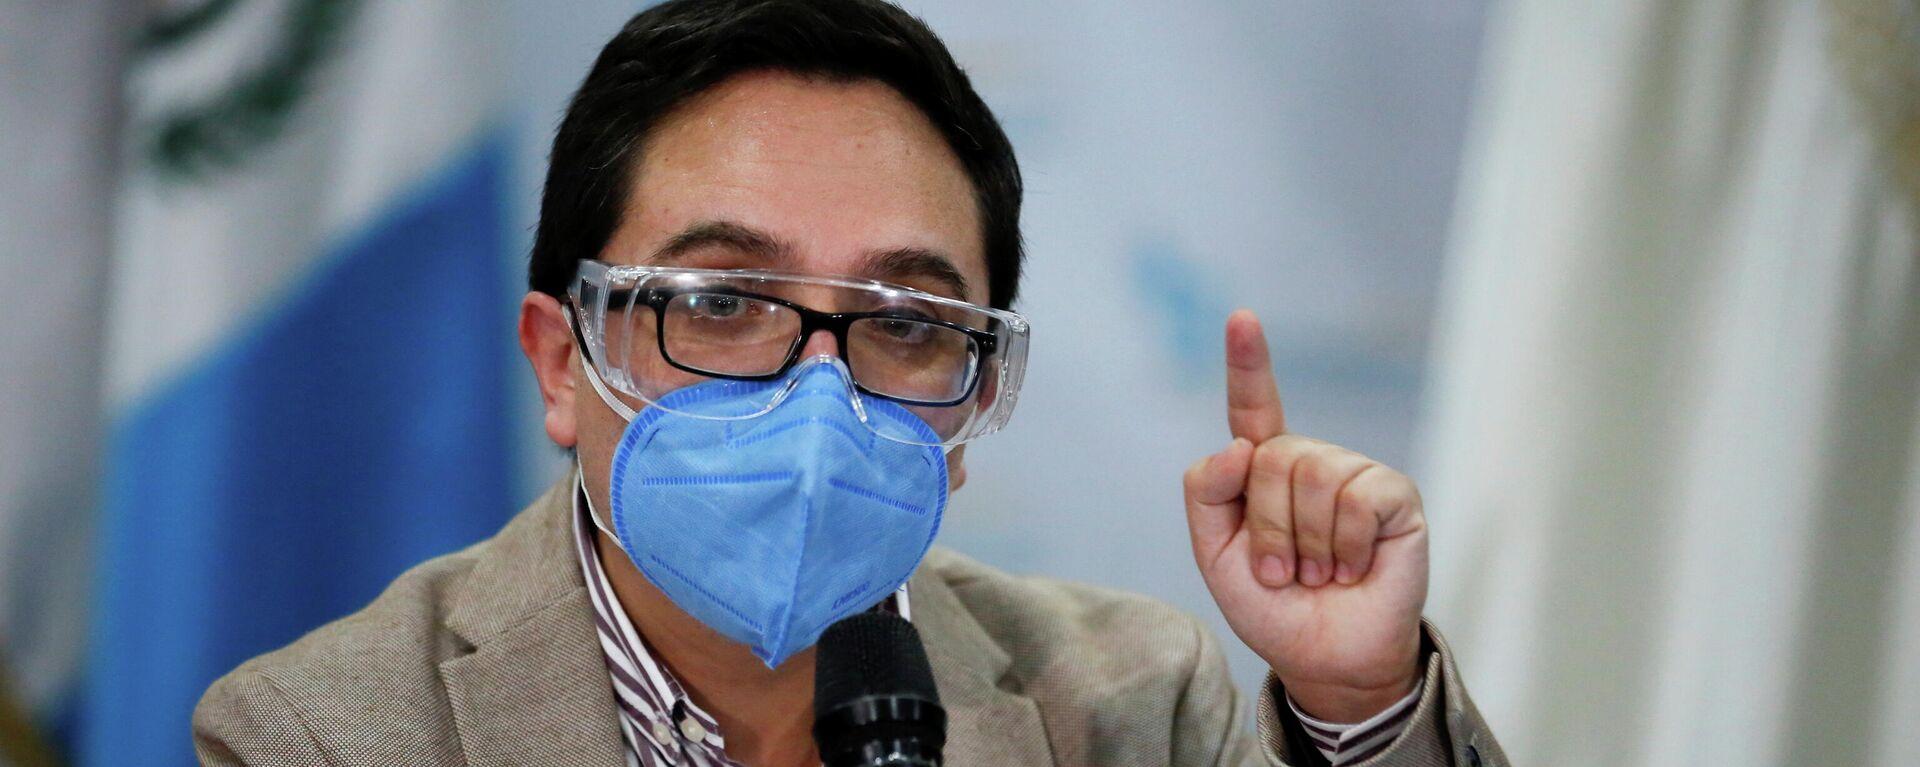 El fiscal Juan Francisco Sandoval, destituido como jefe de la Fiscalía Especial Contra la Impunidad (FECI), durante una rueda de prensa, Ciudad de Guatemala, Guatemala, el 23 de julio de 2021 - Sputnik Mundo, 1920, 24.07.2021